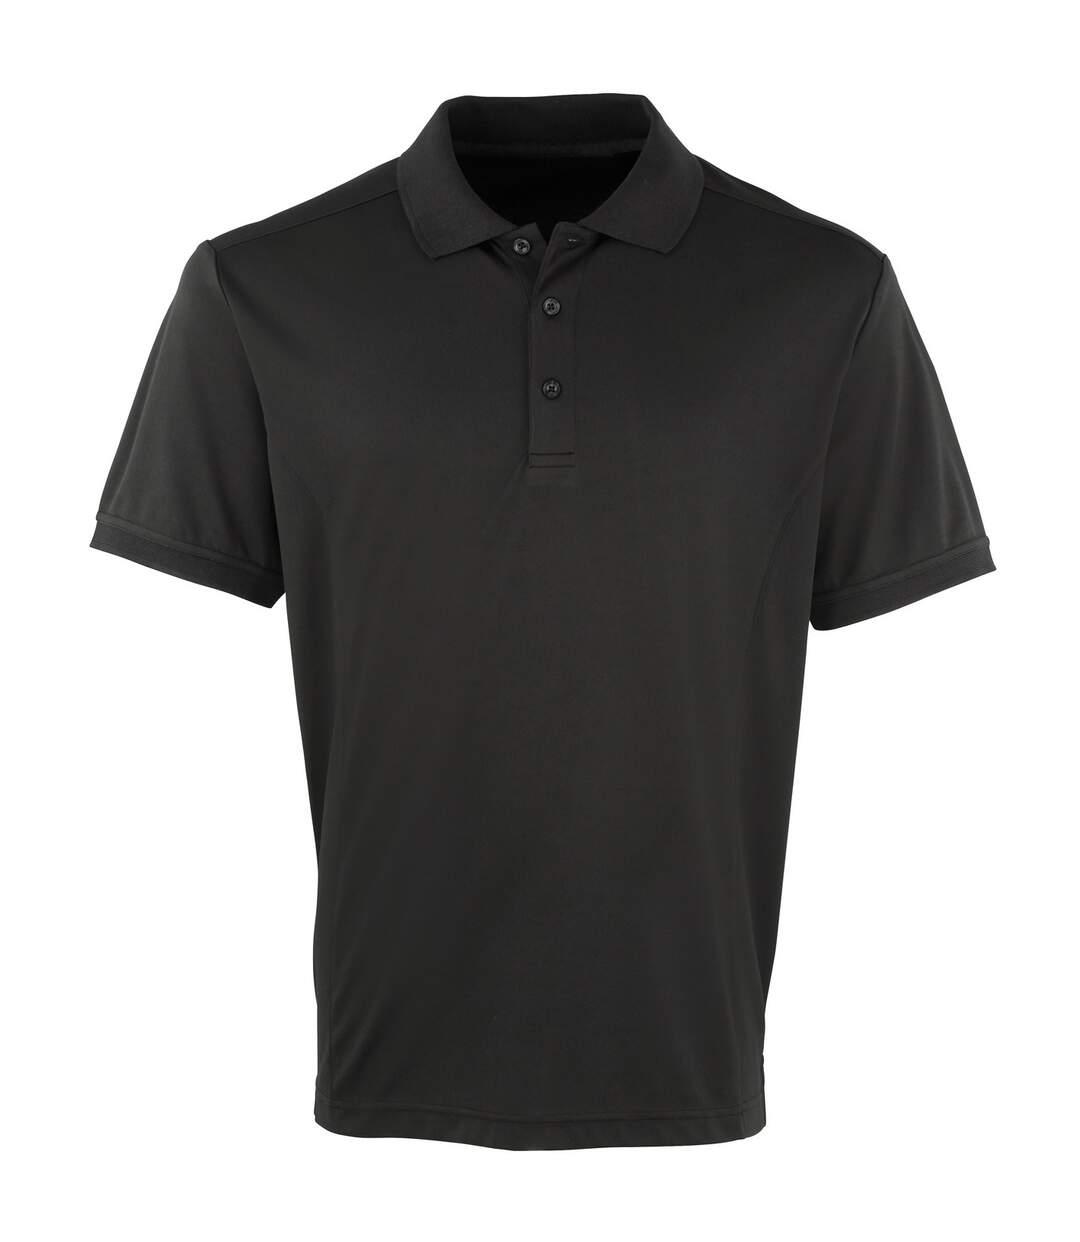 Premier Mens Coolchecker Pique Short Sleeve Polo T-Shirt (Neon Yellow) - UTRW4401